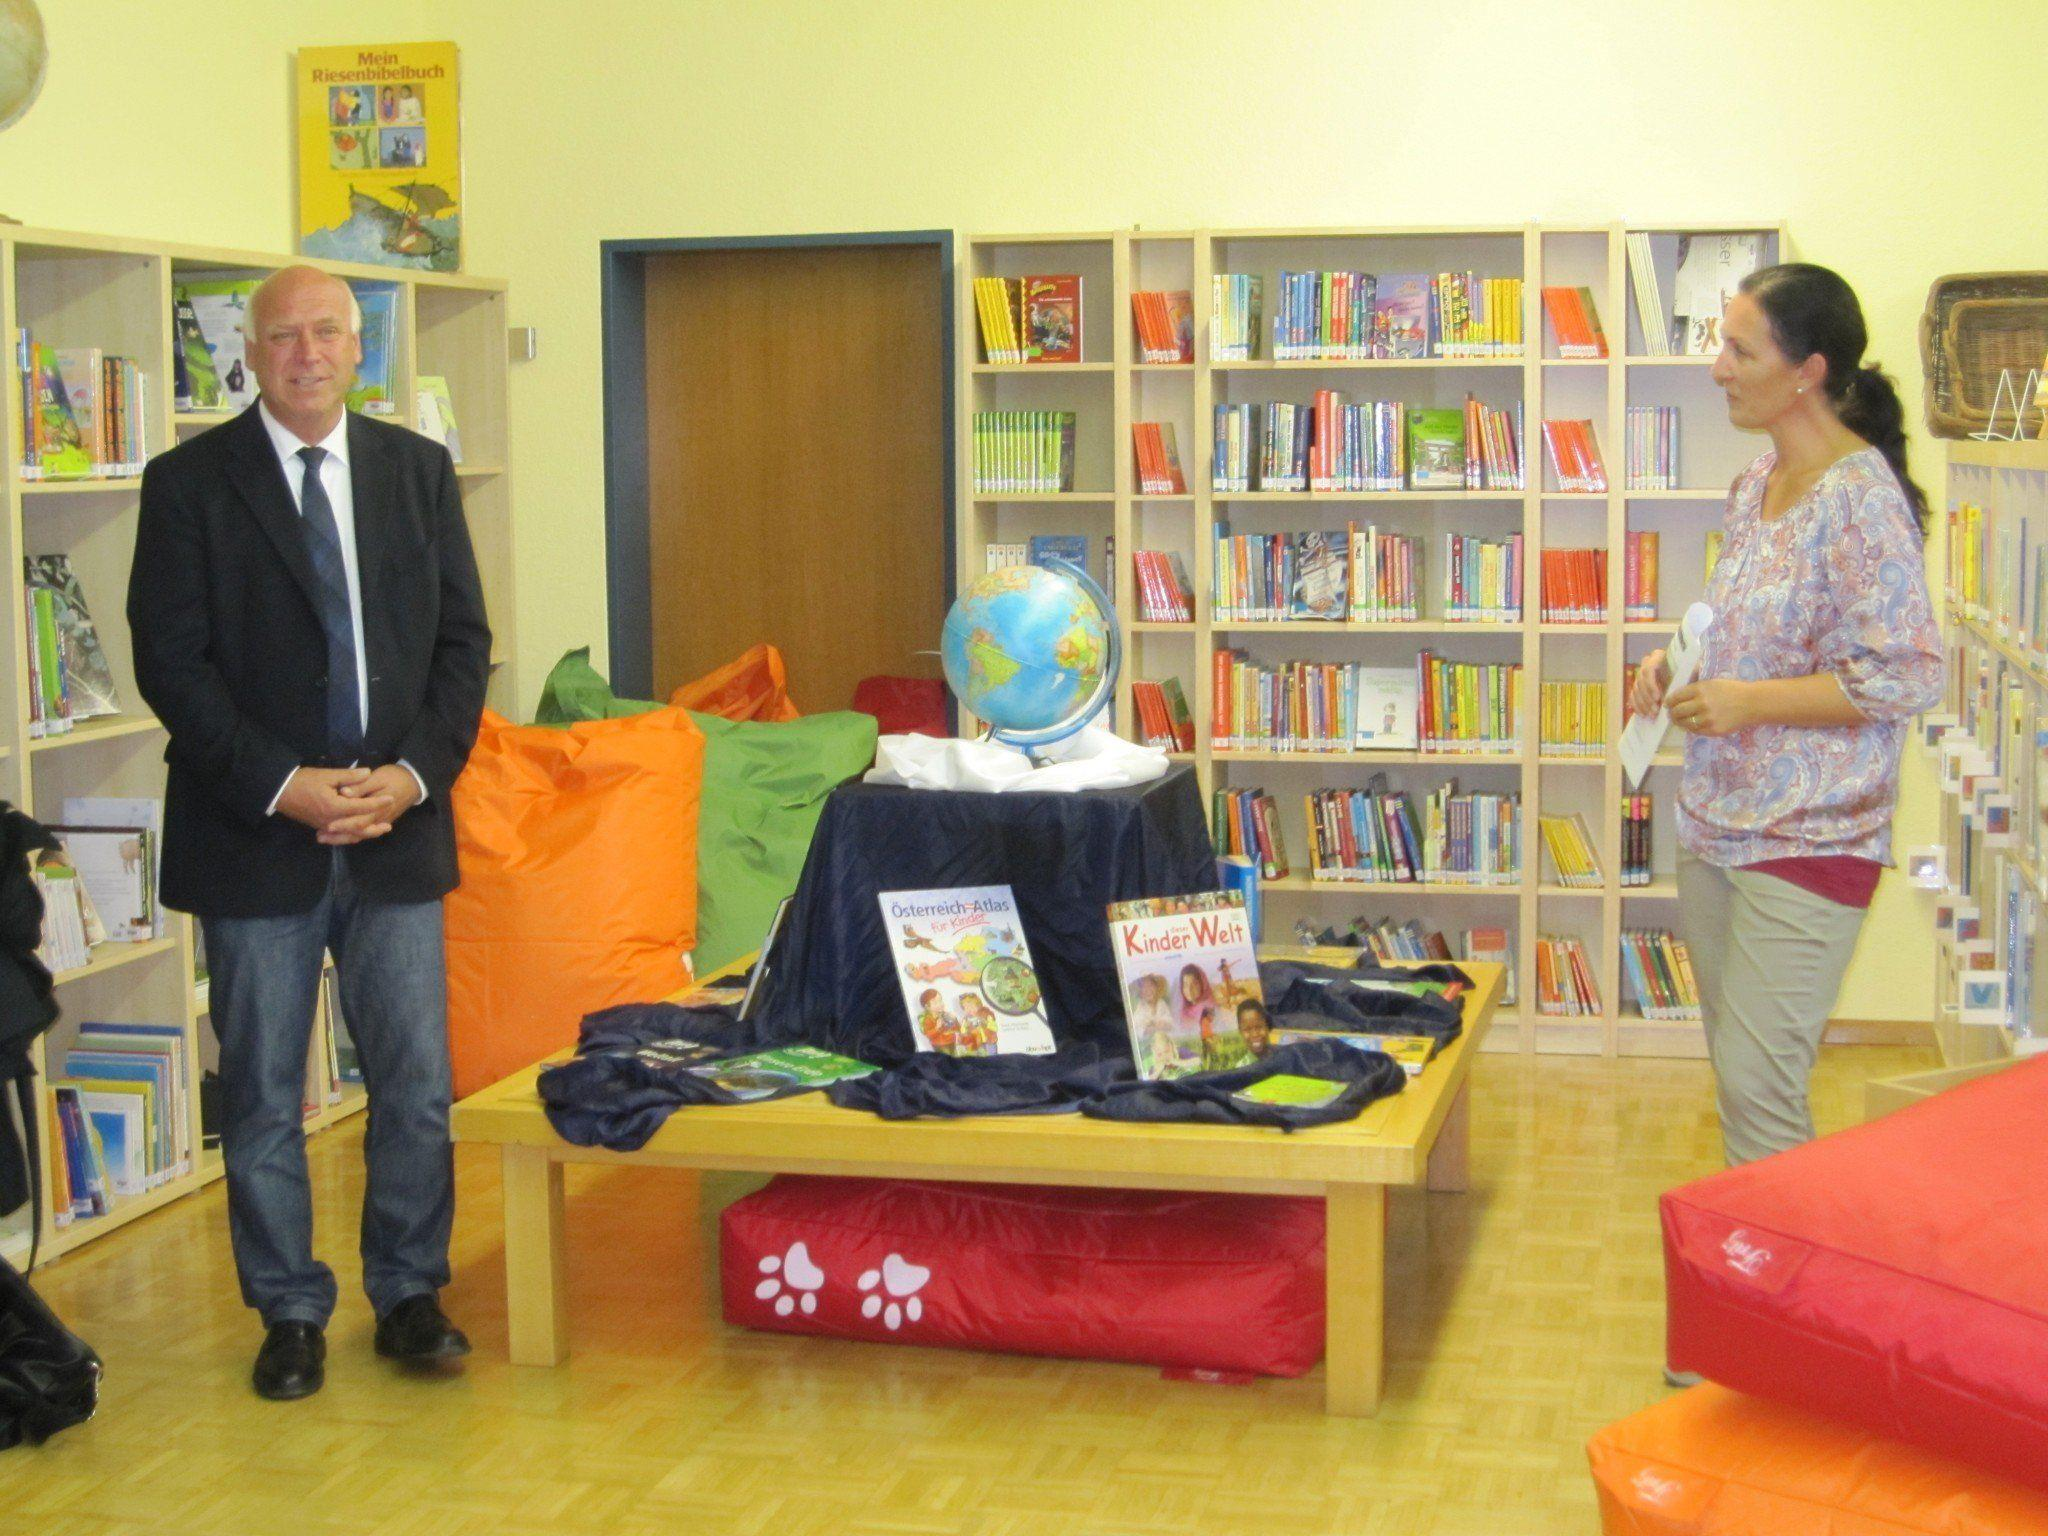 Bürgermeister Burkhard Wachter und Direktorin Evelyn Stoiser bei der offiziellen Eröffnung der neuen Schulbibliothek